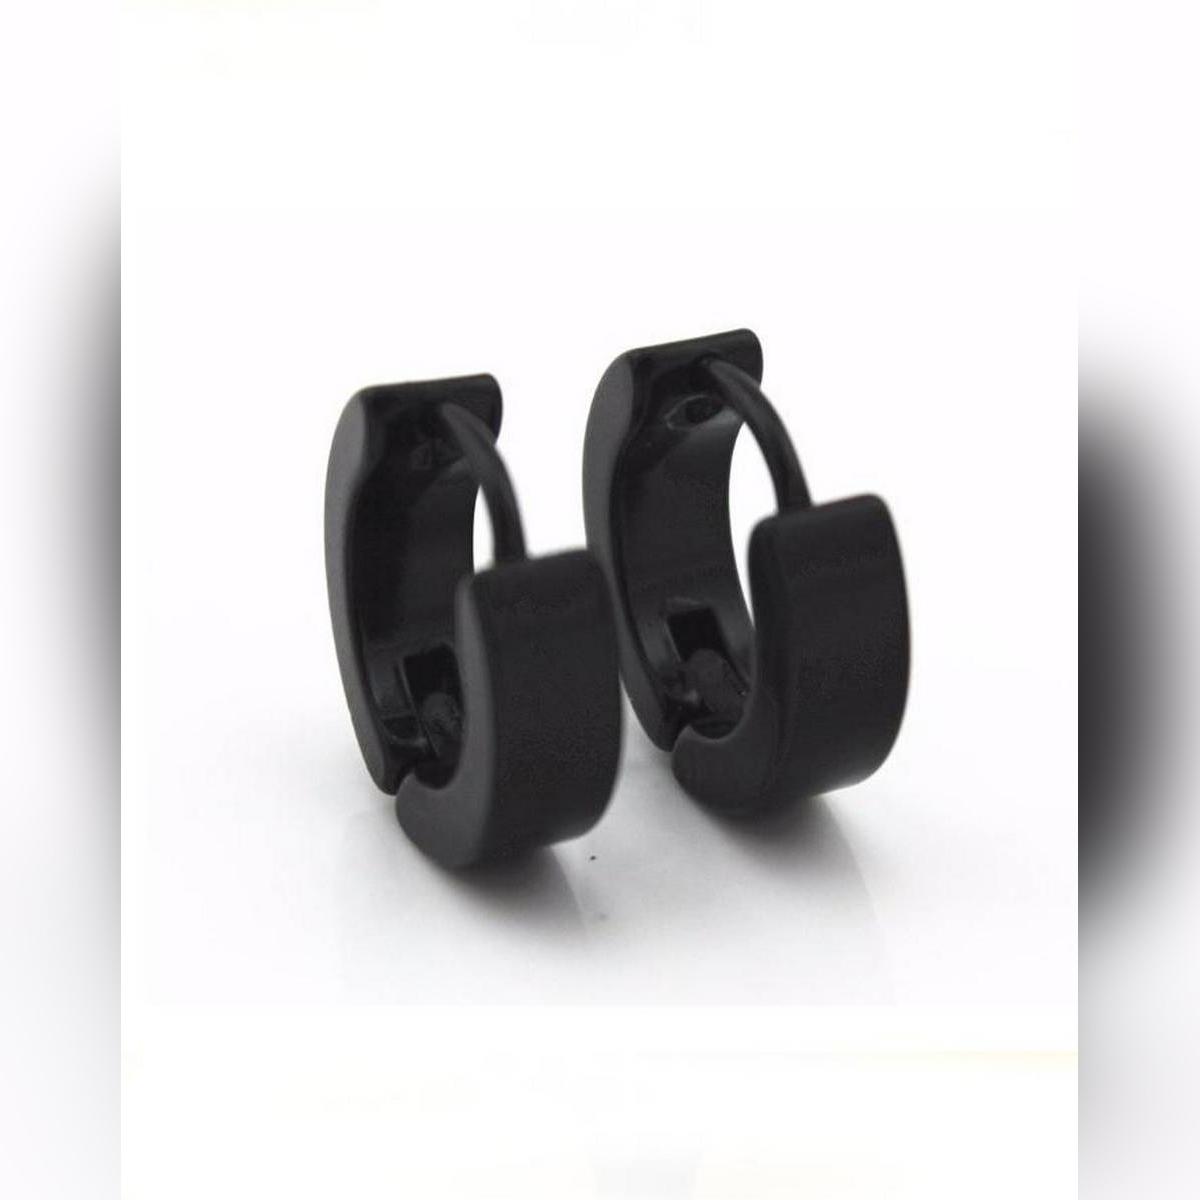 Black Stainless Steel Earrings For Unisex